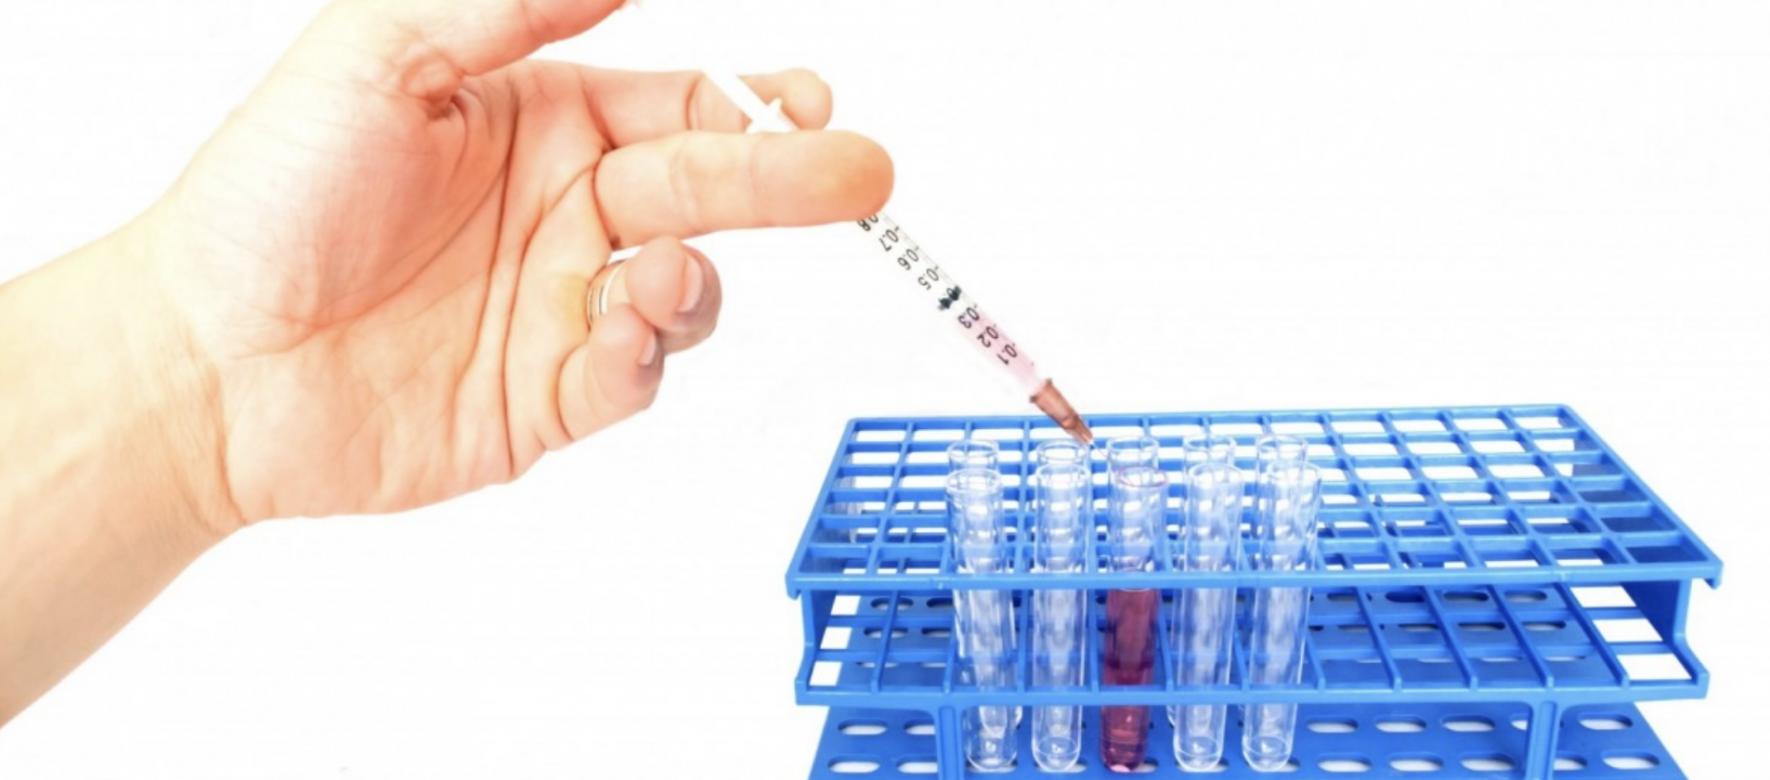 Maroc : Le Royaume participera à la mise en œuvre d'un vaccin développé en Chine contre la pandémie de coronavirus